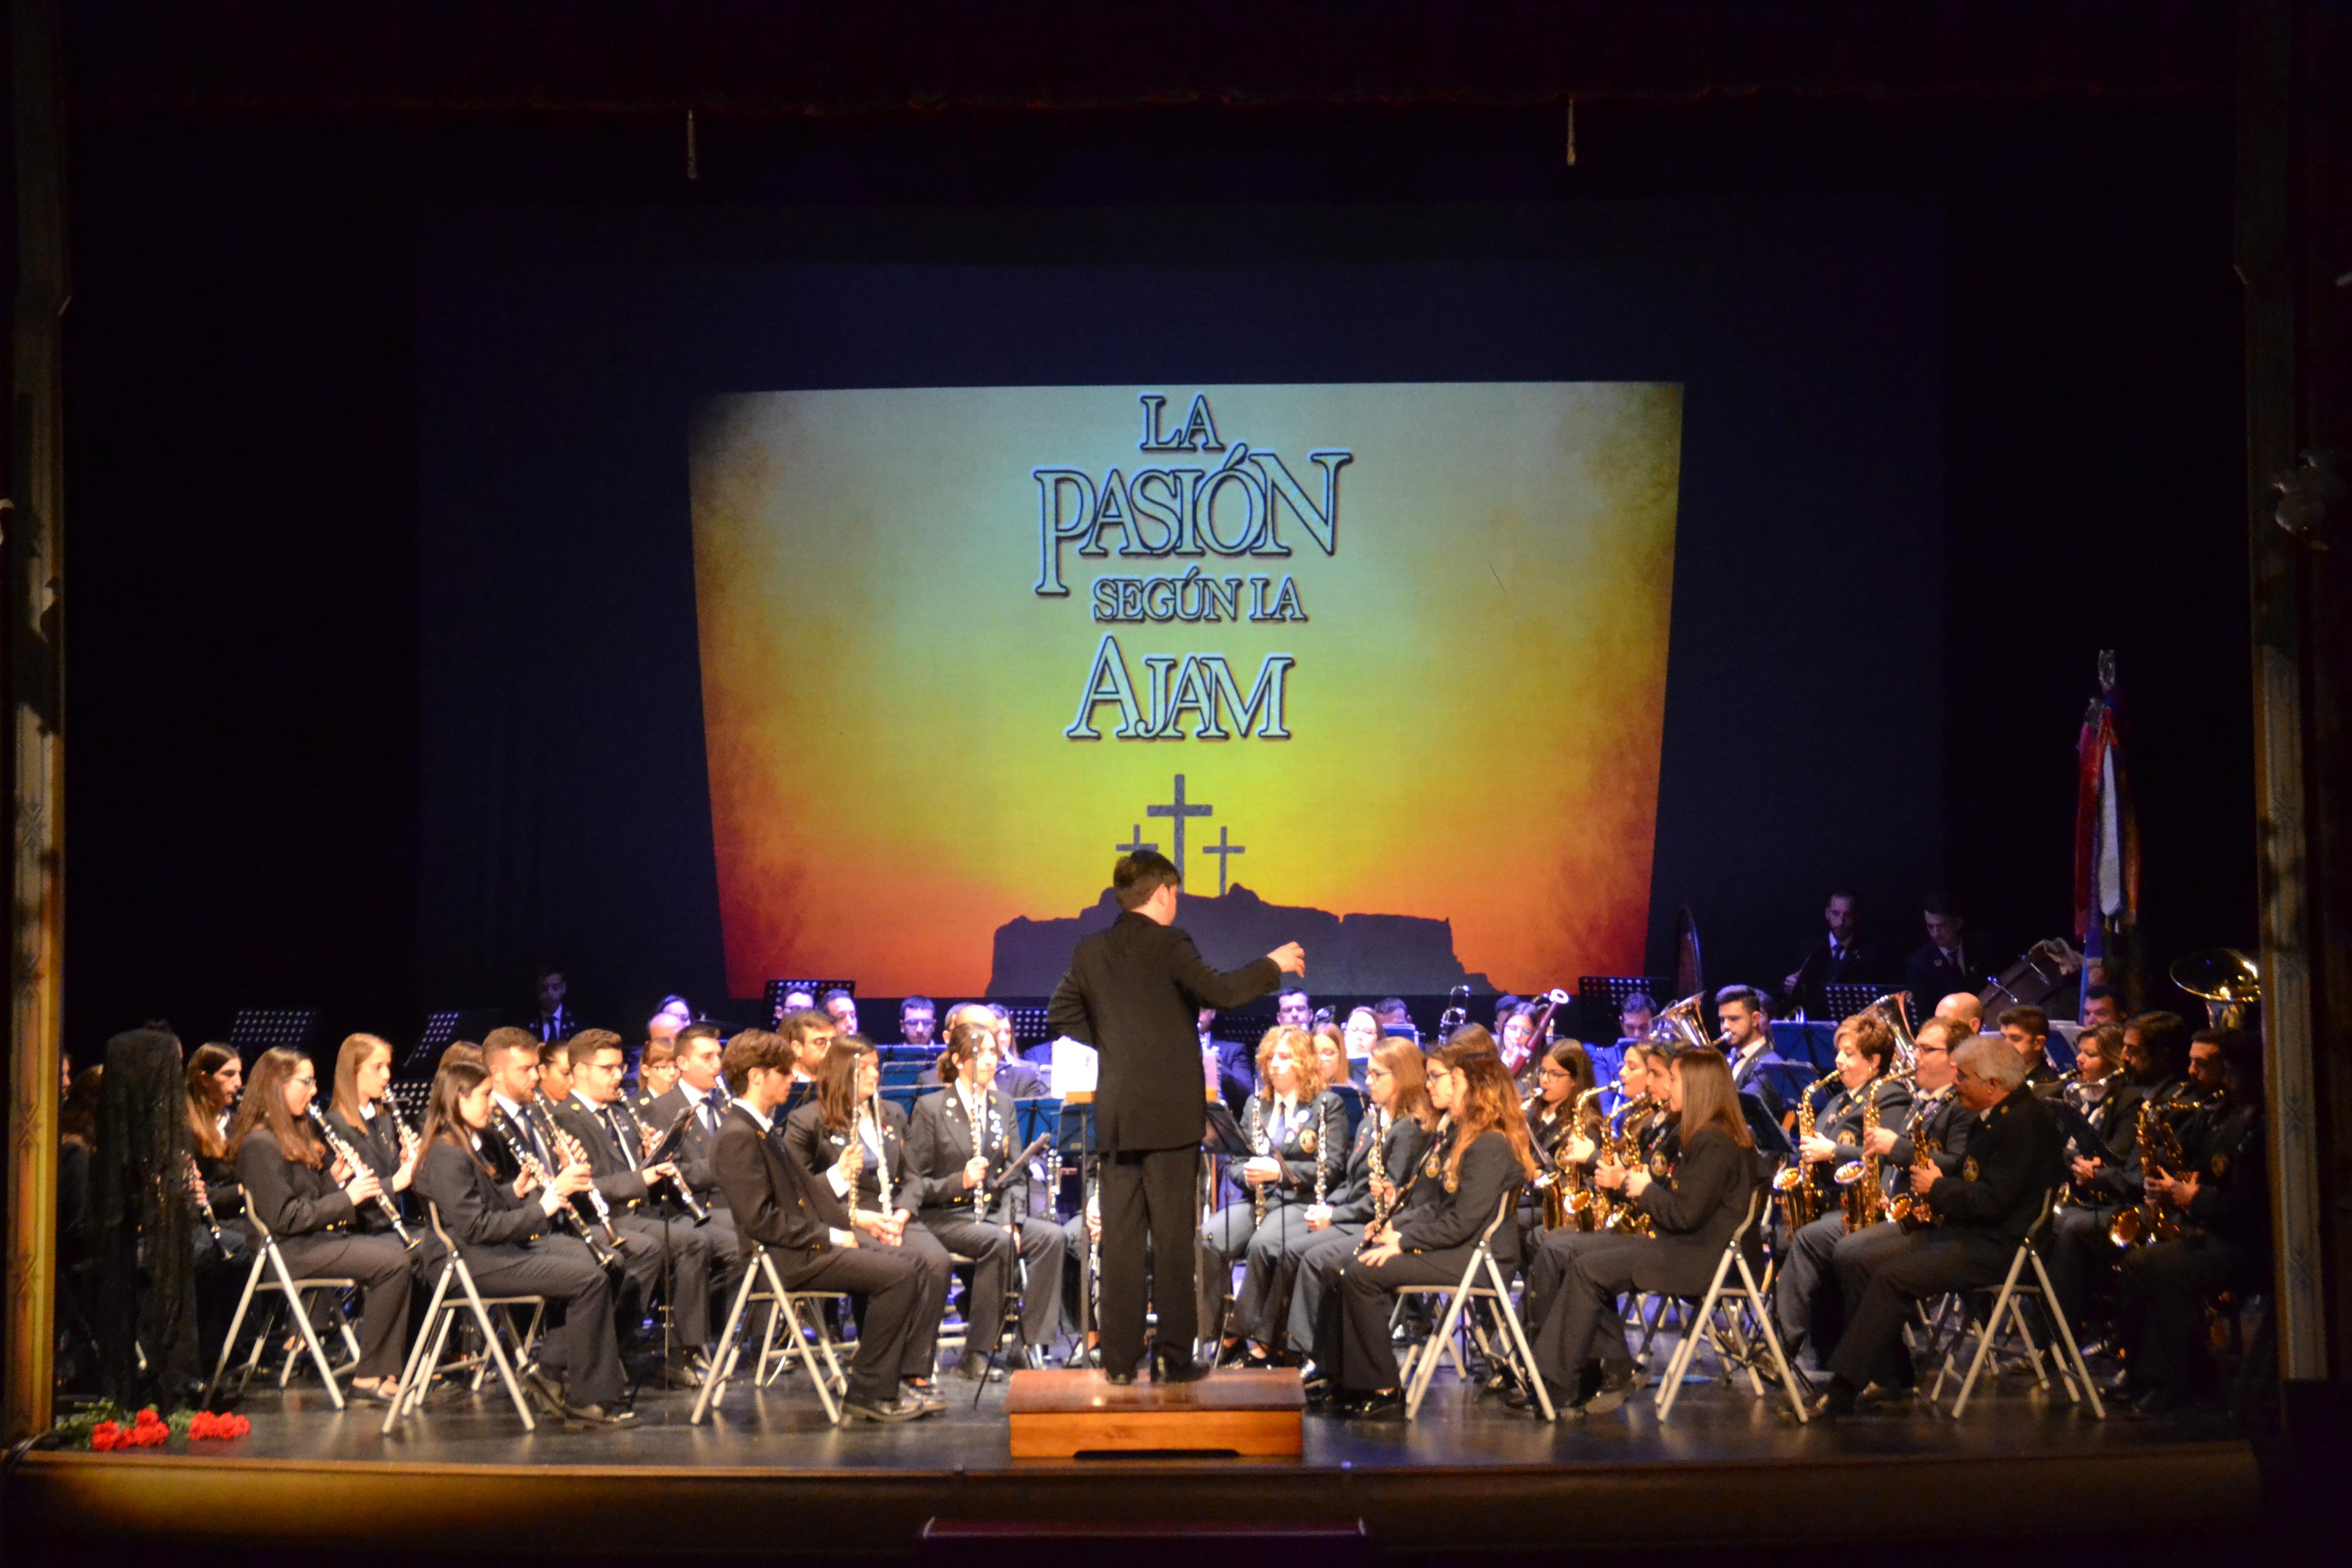 La AJAM transmitió su 'Pasión' a un abarrotado Teatro Vico